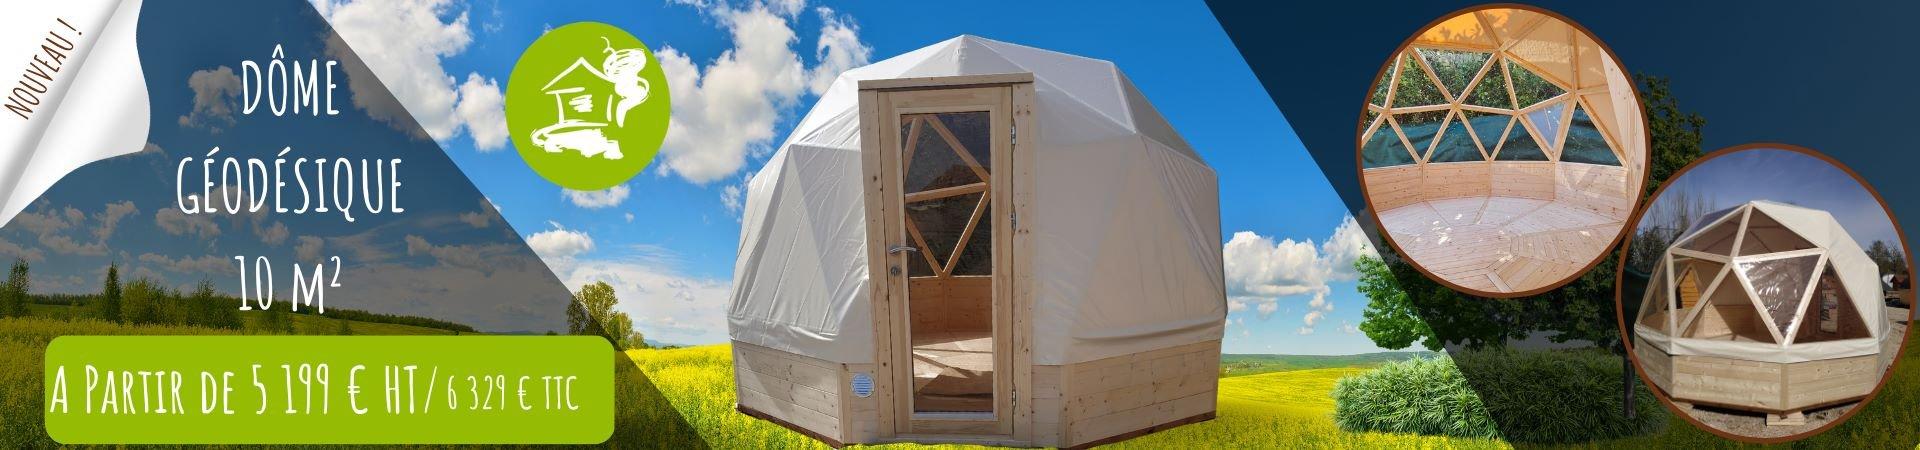 Drôle de Cabane – vente d\'abris de jardin ludiques, cabanes ...